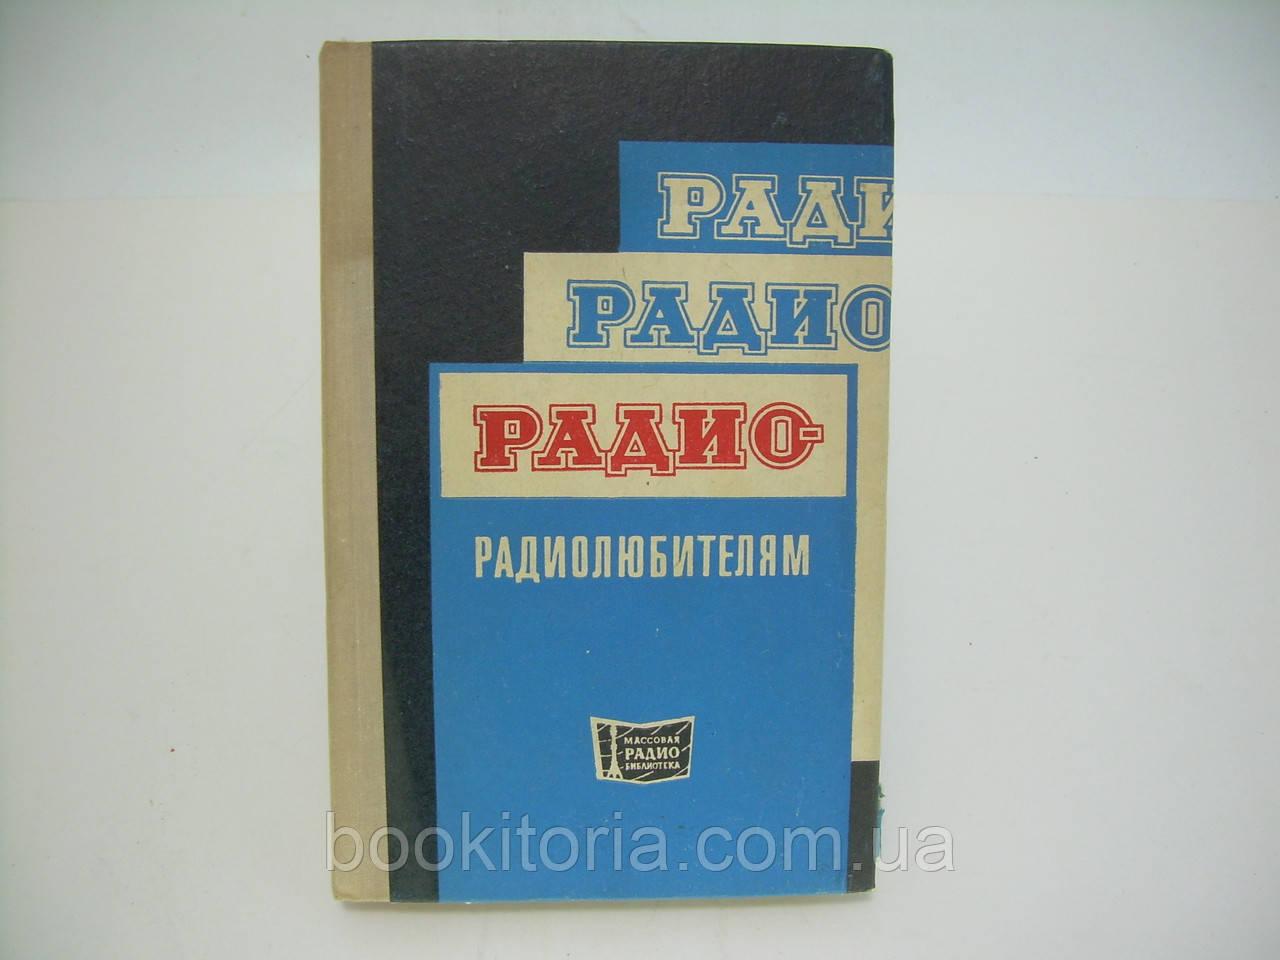 Берг А.И., Борисов В.Г., Белкин Б.Г. и др. «Радио» радиолюбителям (б/у).